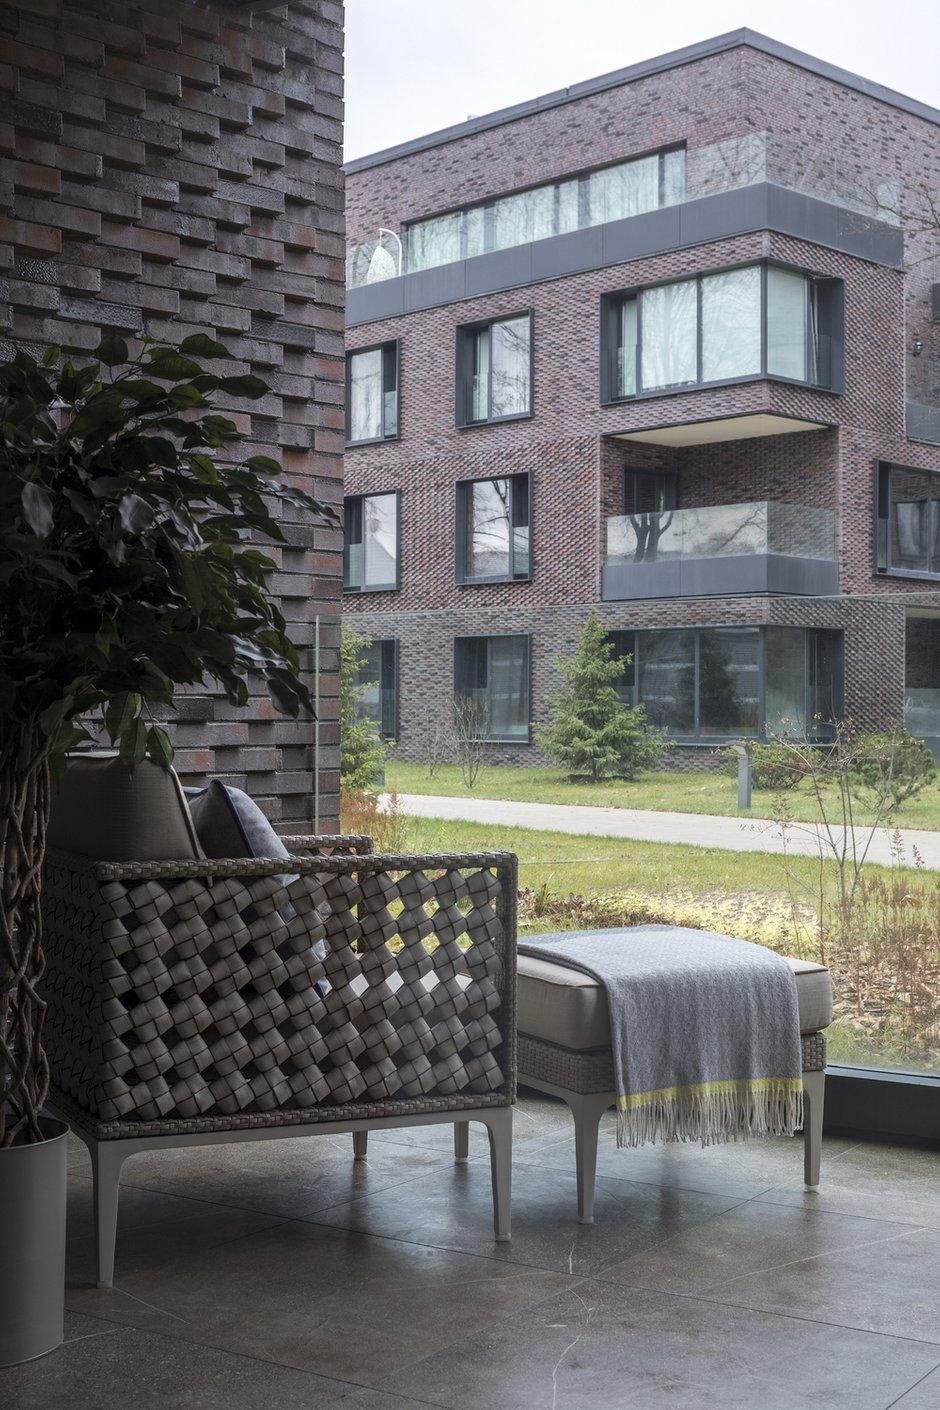 Фотография: Балкон в стиле Современный, Квартира, Проект недели, Москва, Монолитный дом, 4 и больше, Более 90 метров, #эксклюзивныепроекты, ЖК «Парк Рублево», Алексей Стрелюк – фото на INMYROOM